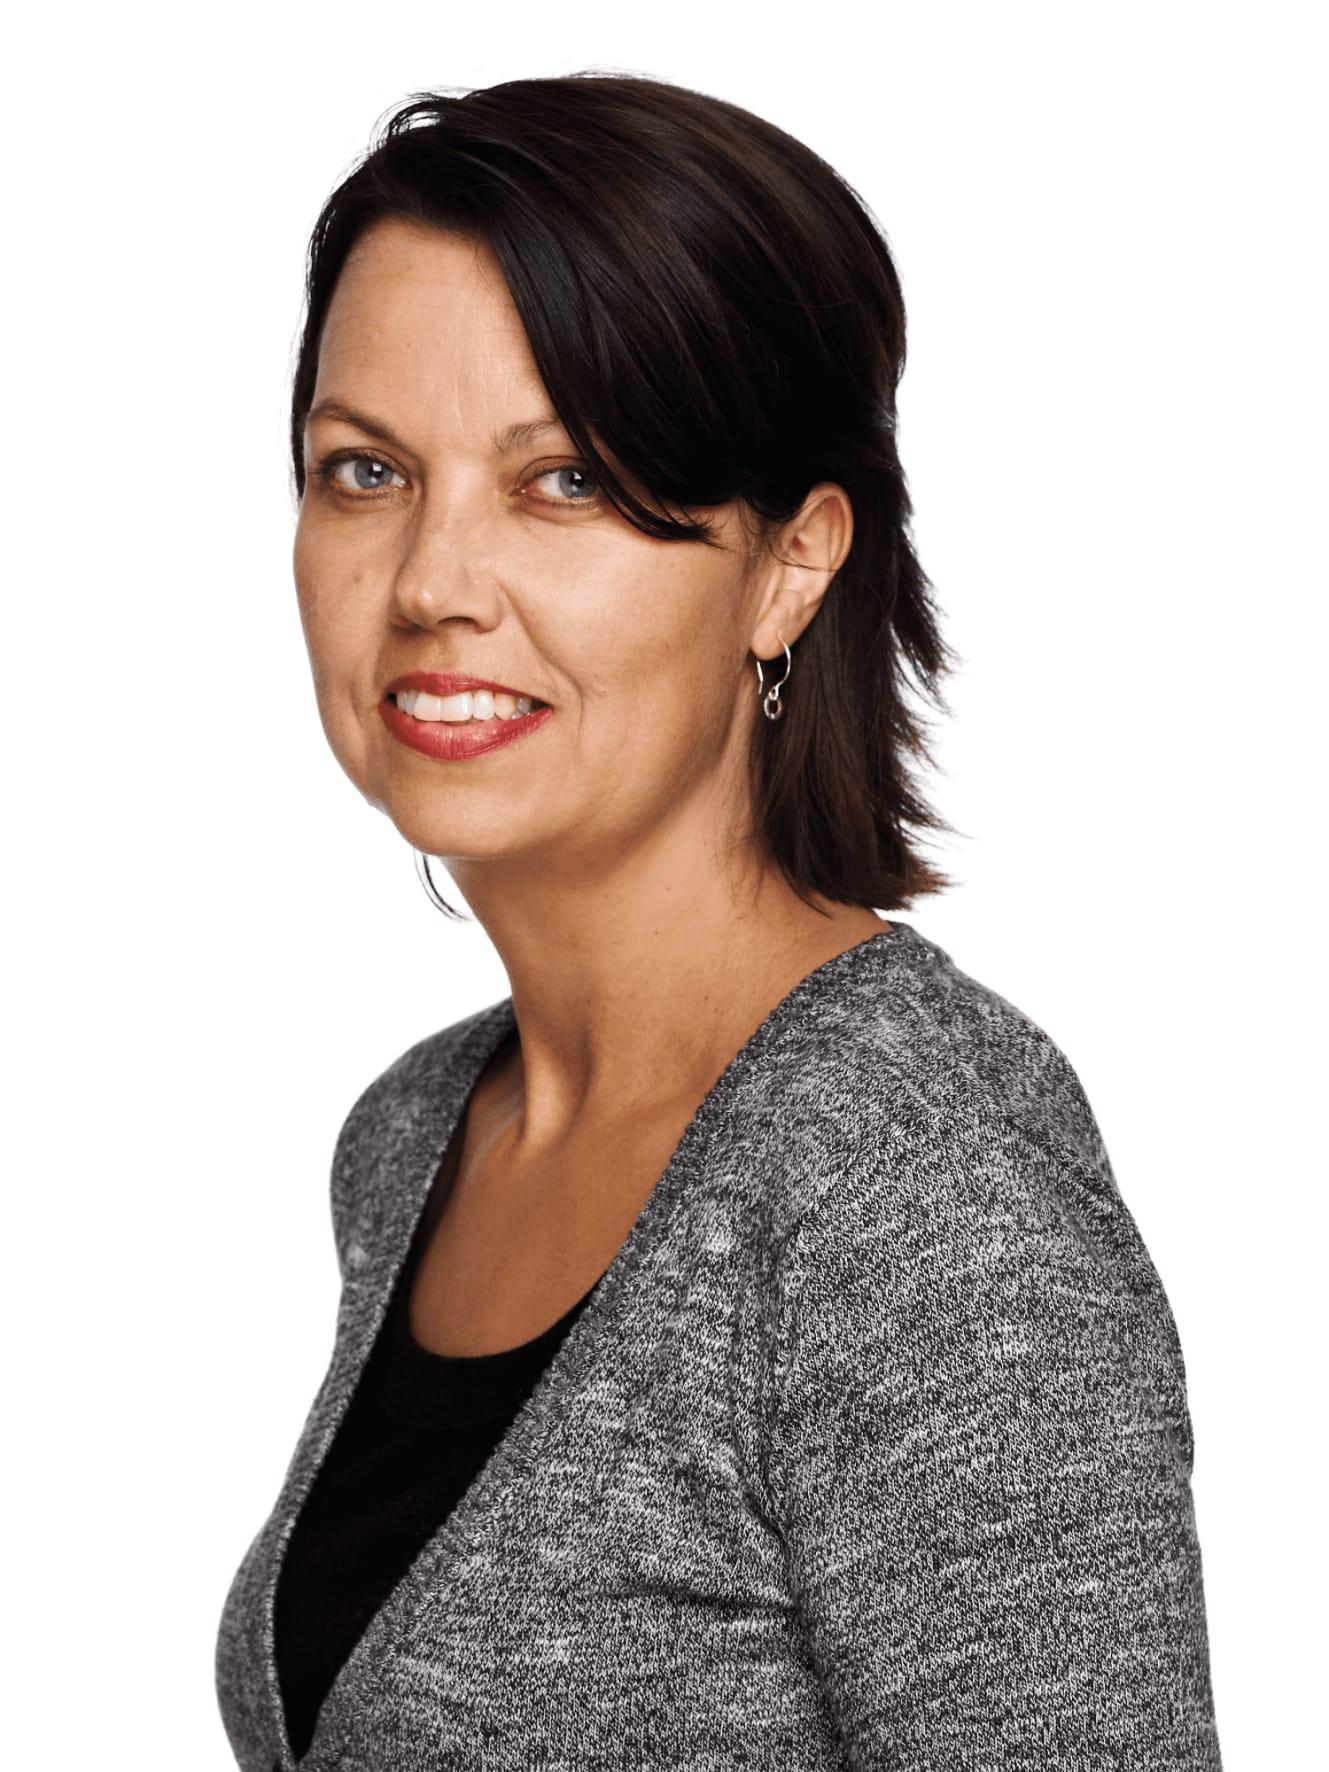 Merethe Berggaard, advokatfullmektig i Finansforbundet, oppklarer regler og rettigheter for foreldrepermisjon.